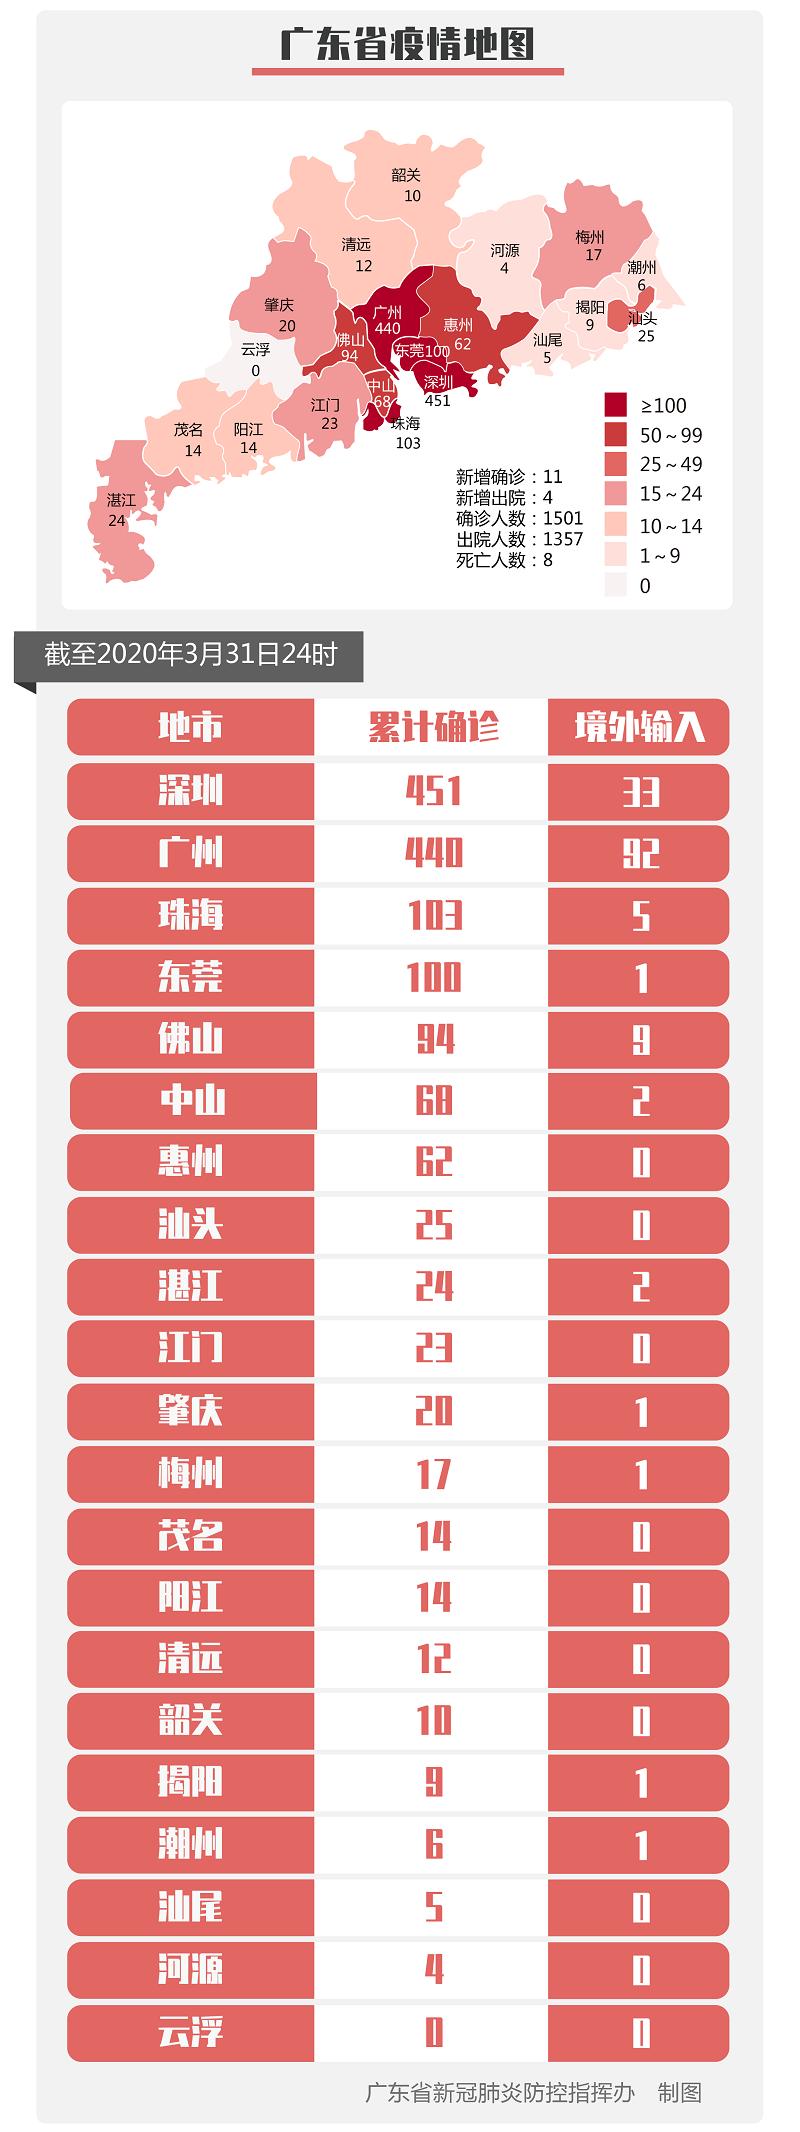 4月1日广东新型冠状病毒感染肺炎疫情通报